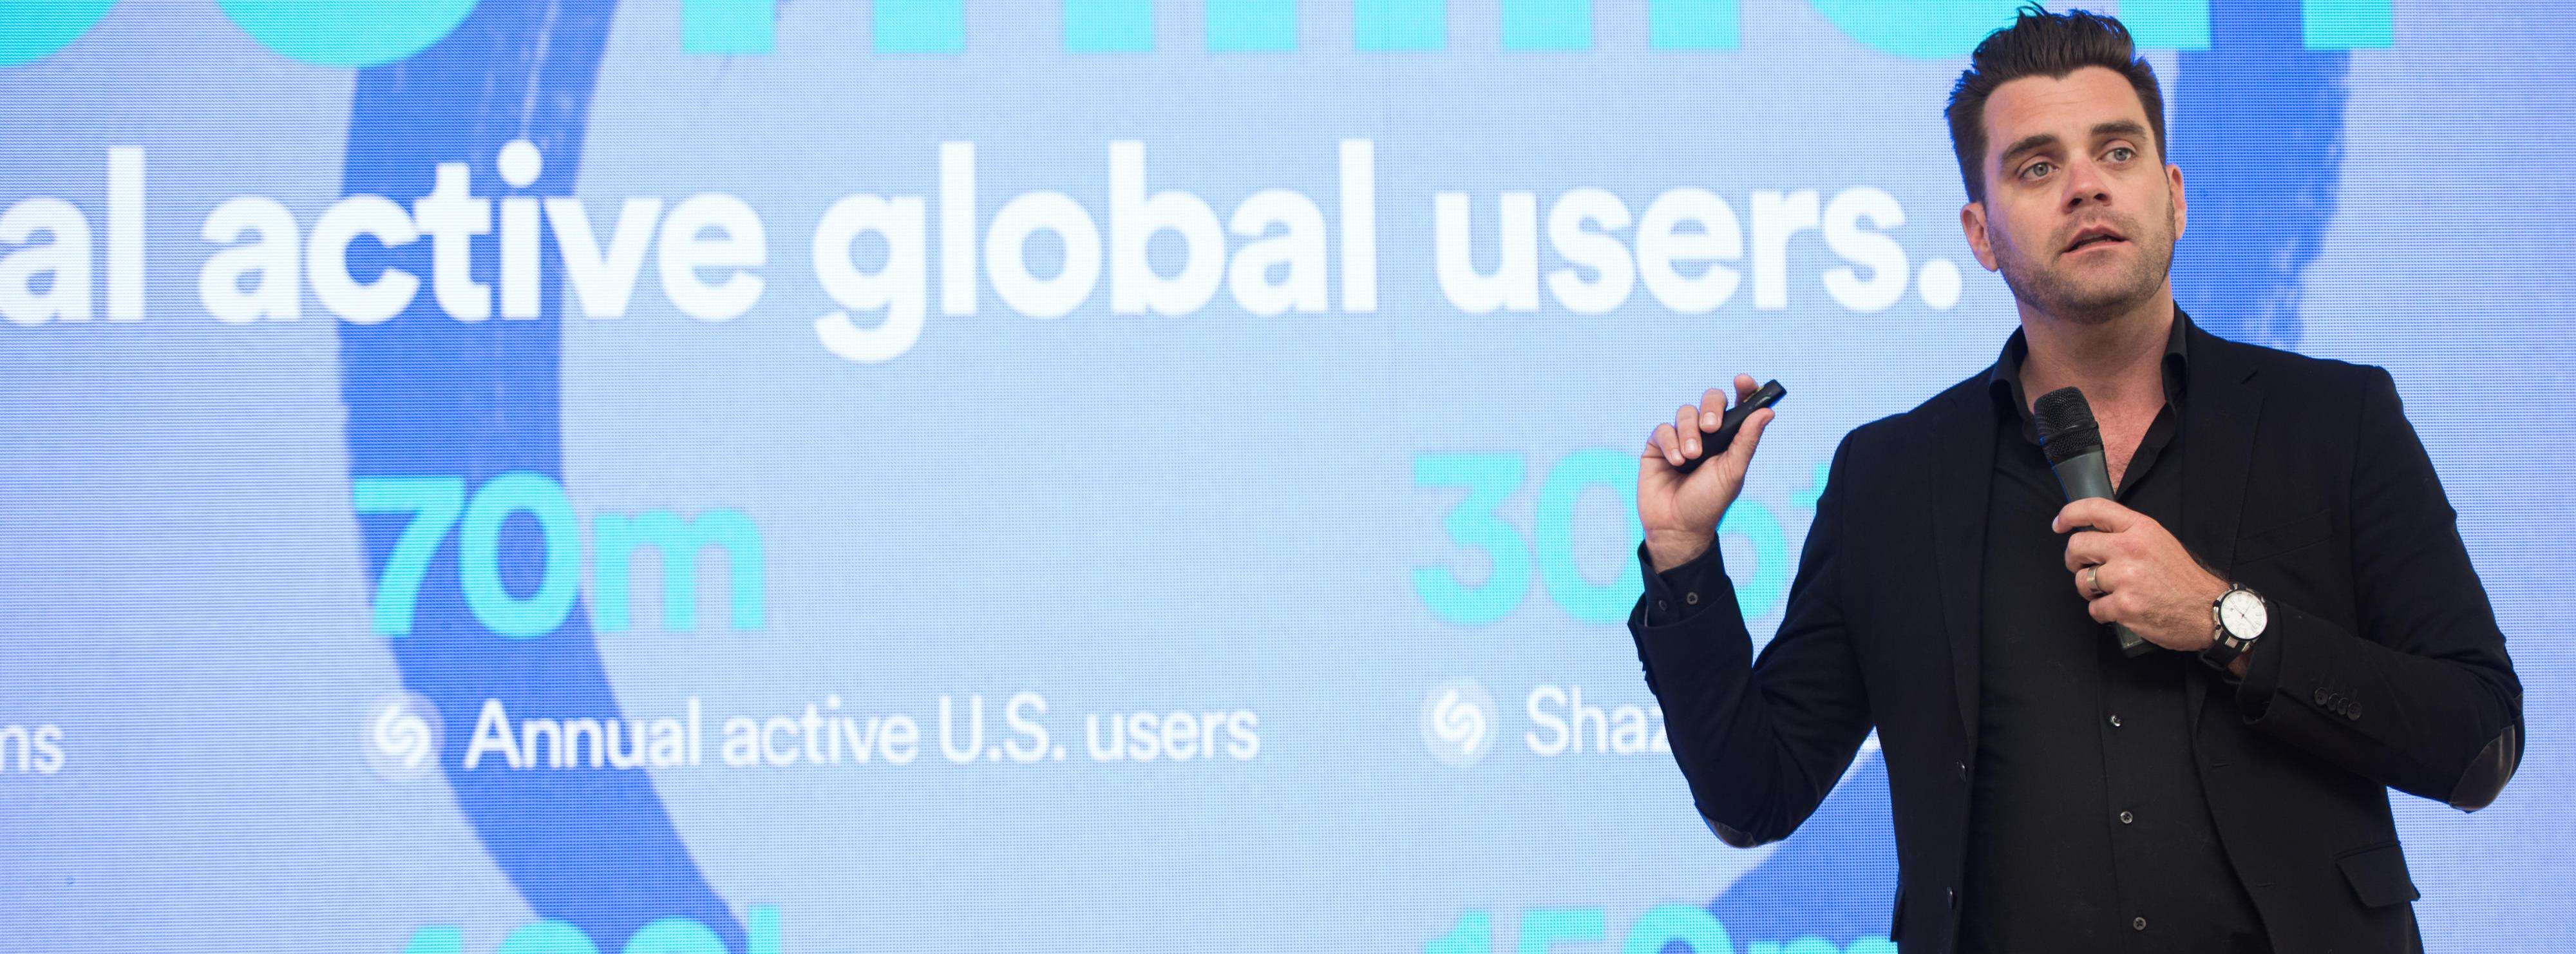 Ноль на промо: как получить 1 млрд пользователей, не потратив ни копейки